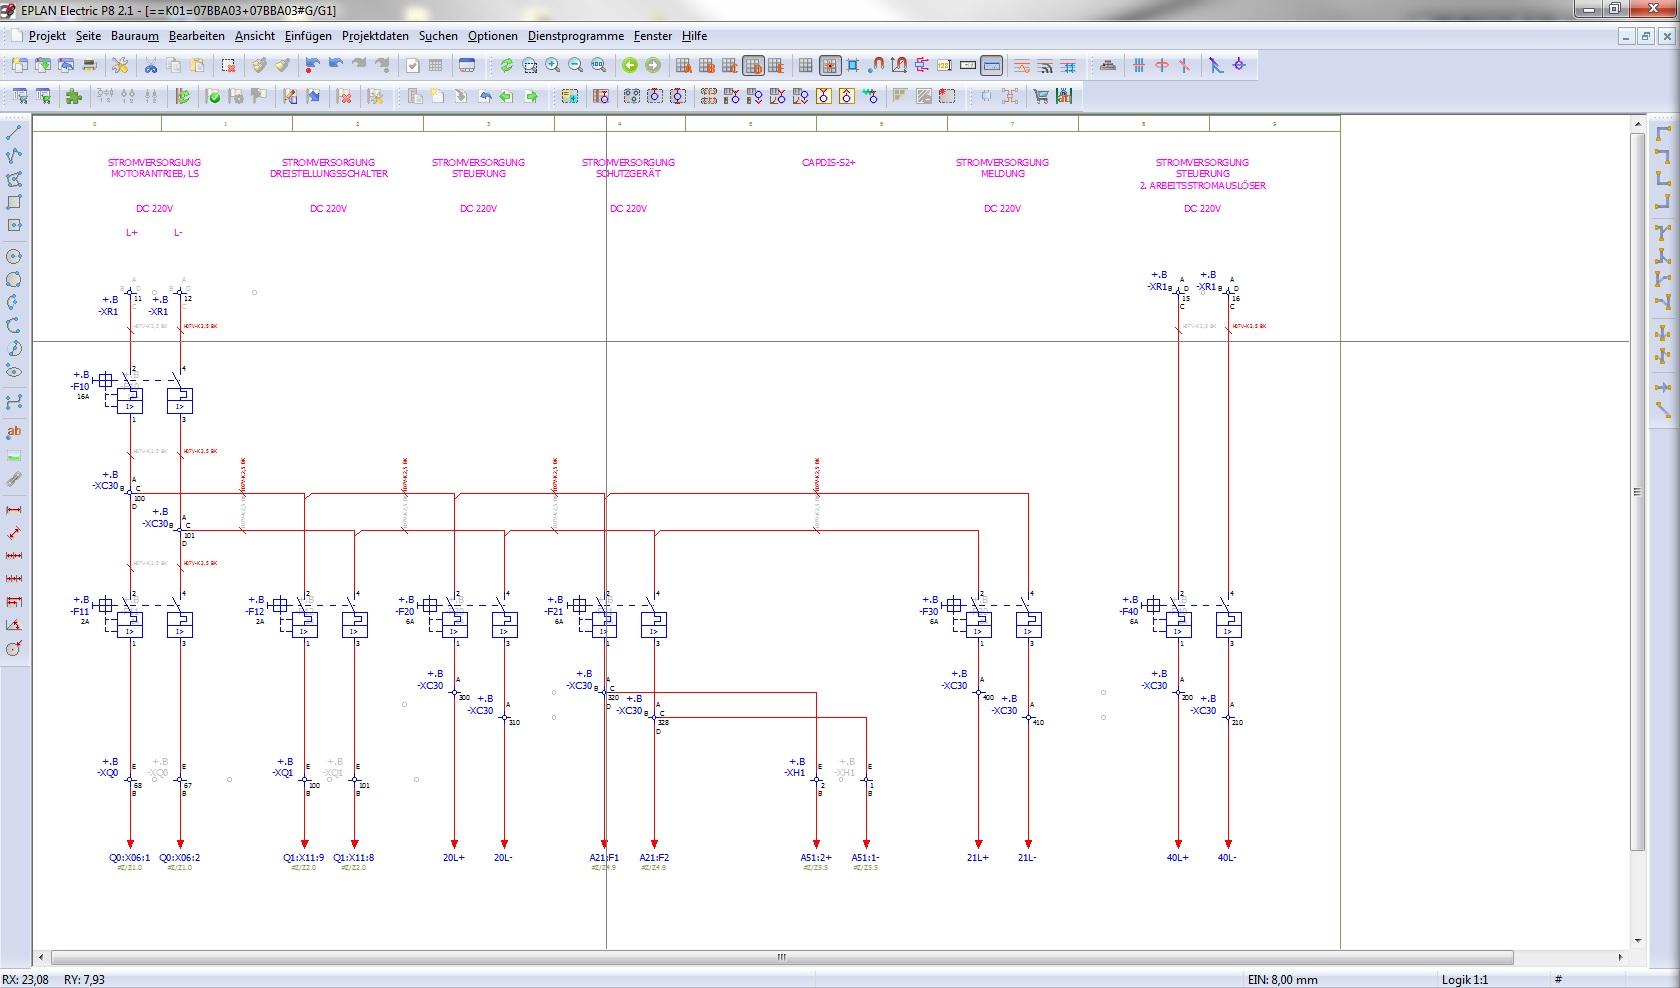 Klemmenplan 4 ziele in einer zeile darstellen siehe bild for Eplan login